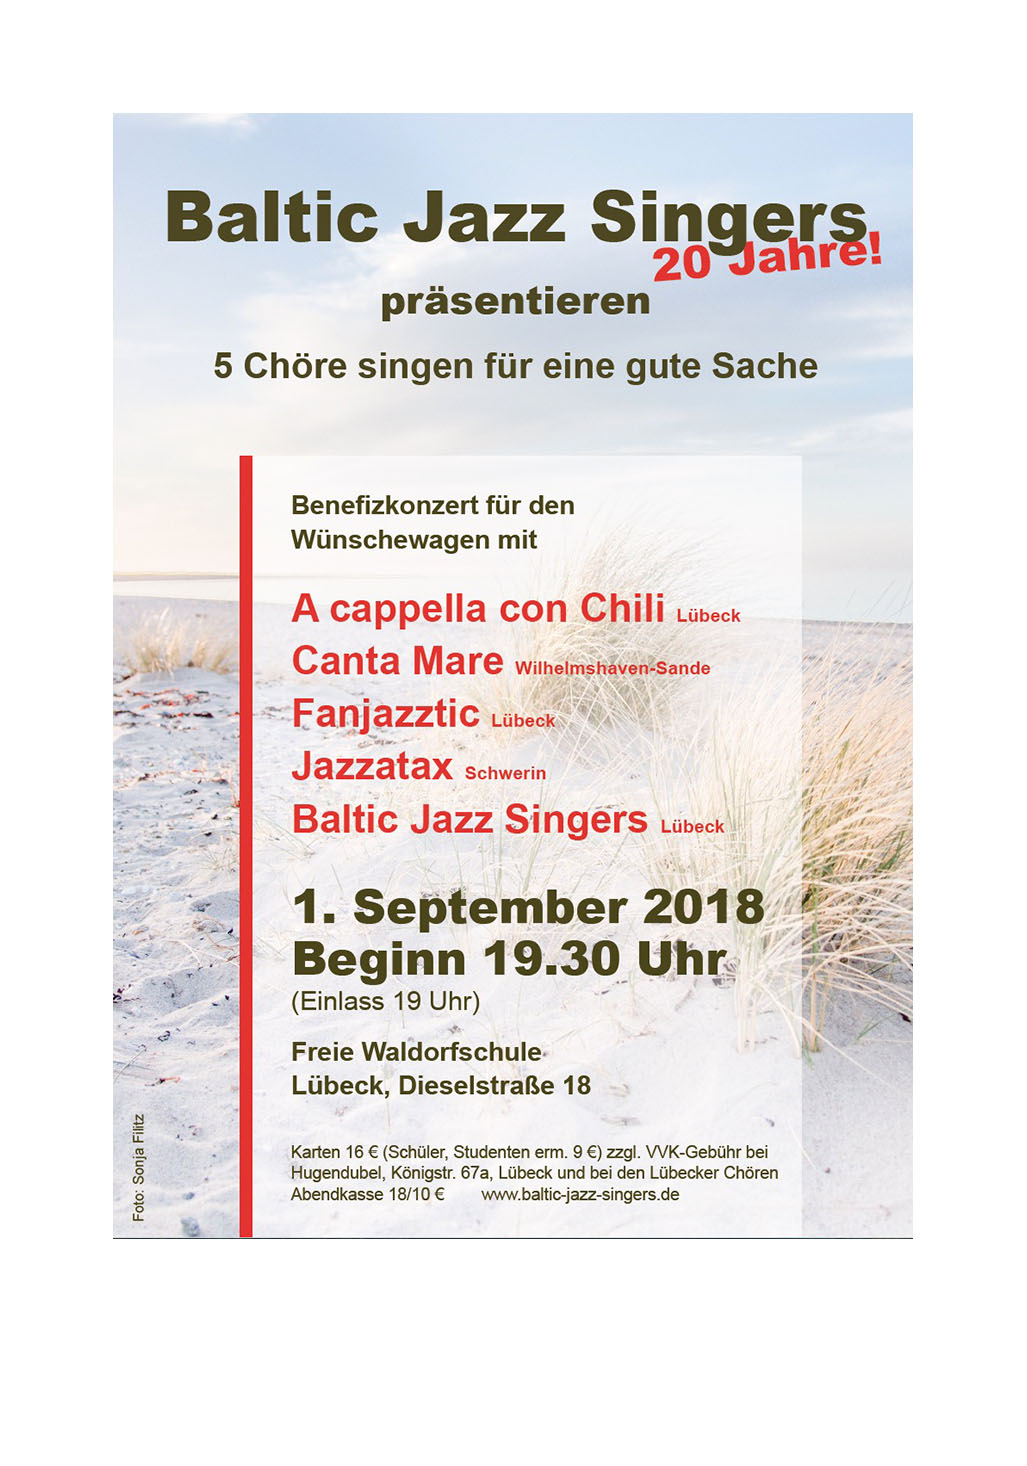 Baltic Jazz Singers Benefiz Wuenschewagen